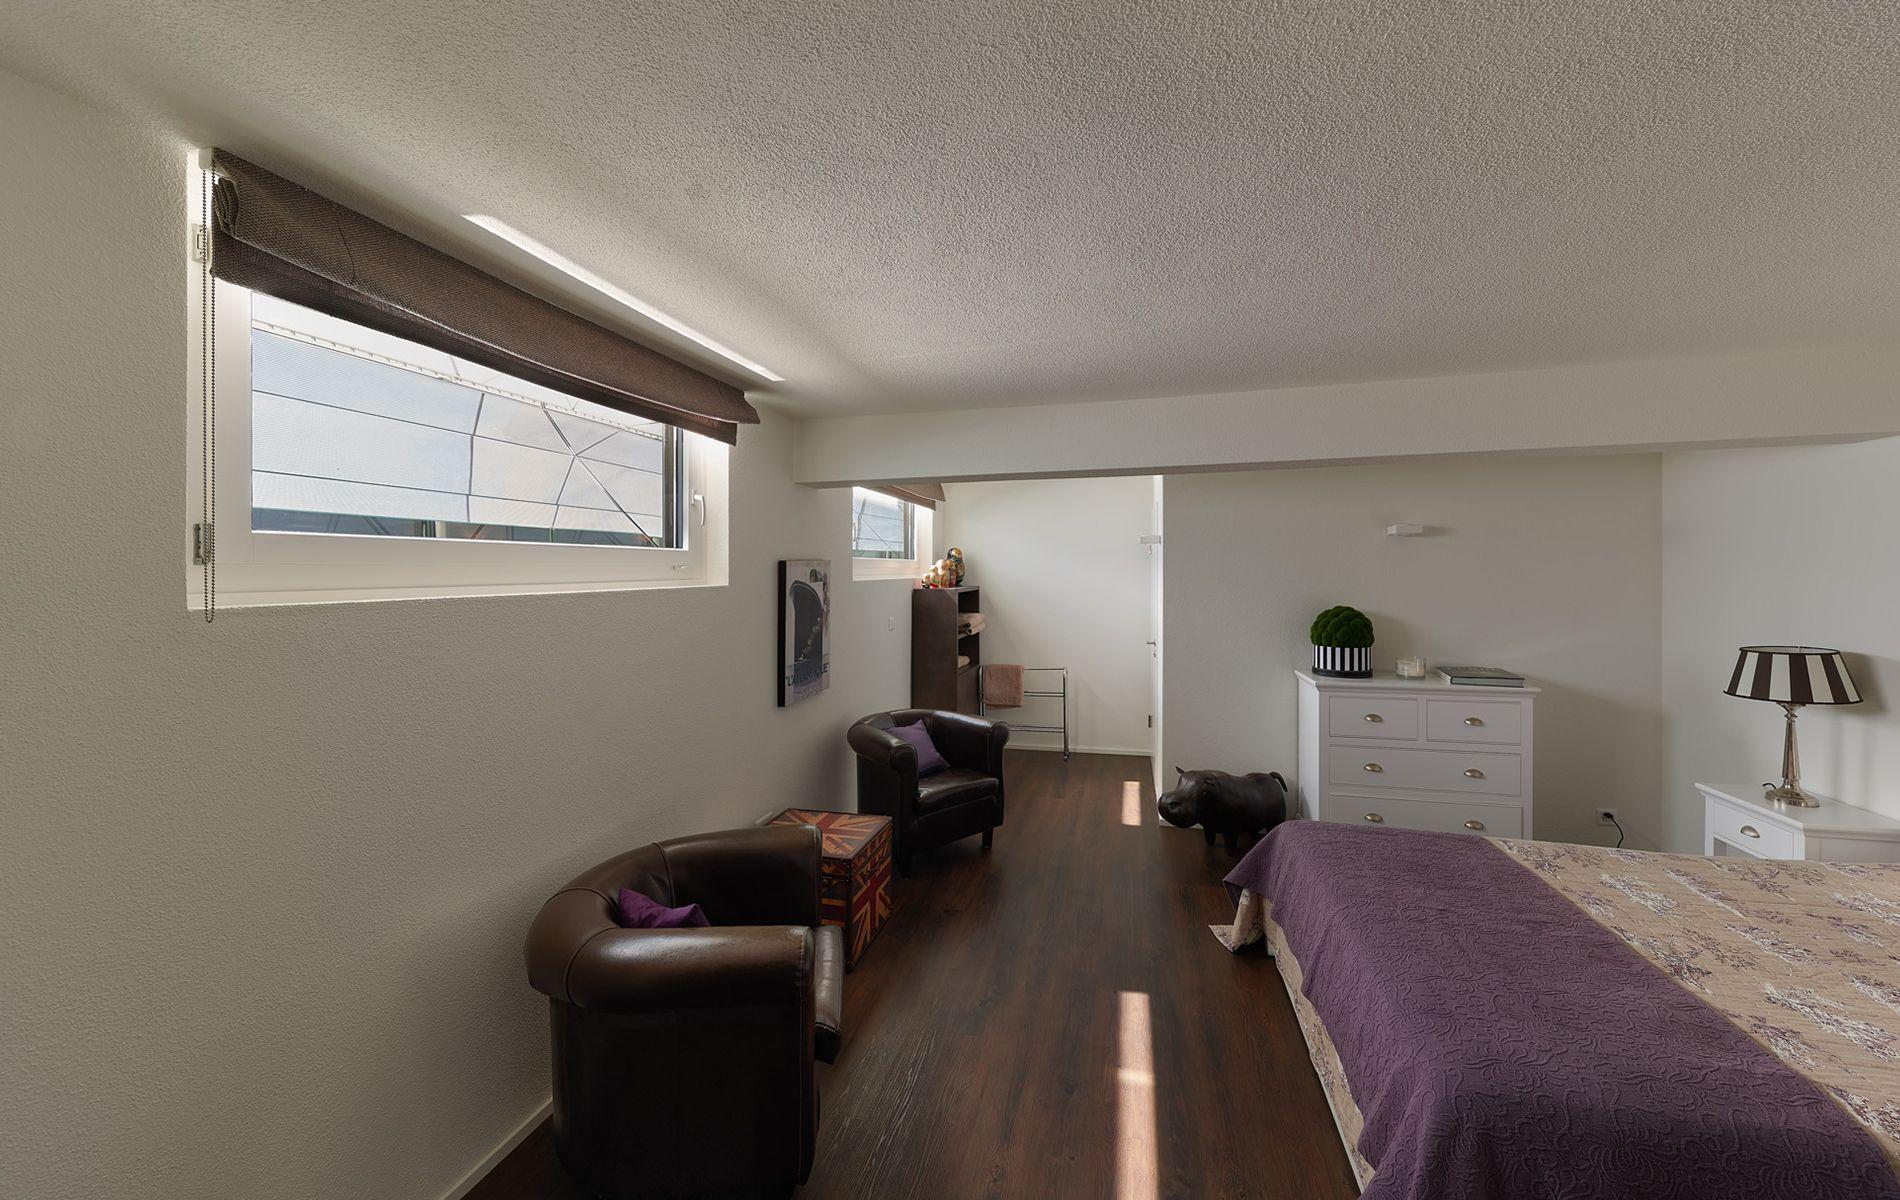 Schlafzimmer im Untergeschoss Wohnen, Wohnung